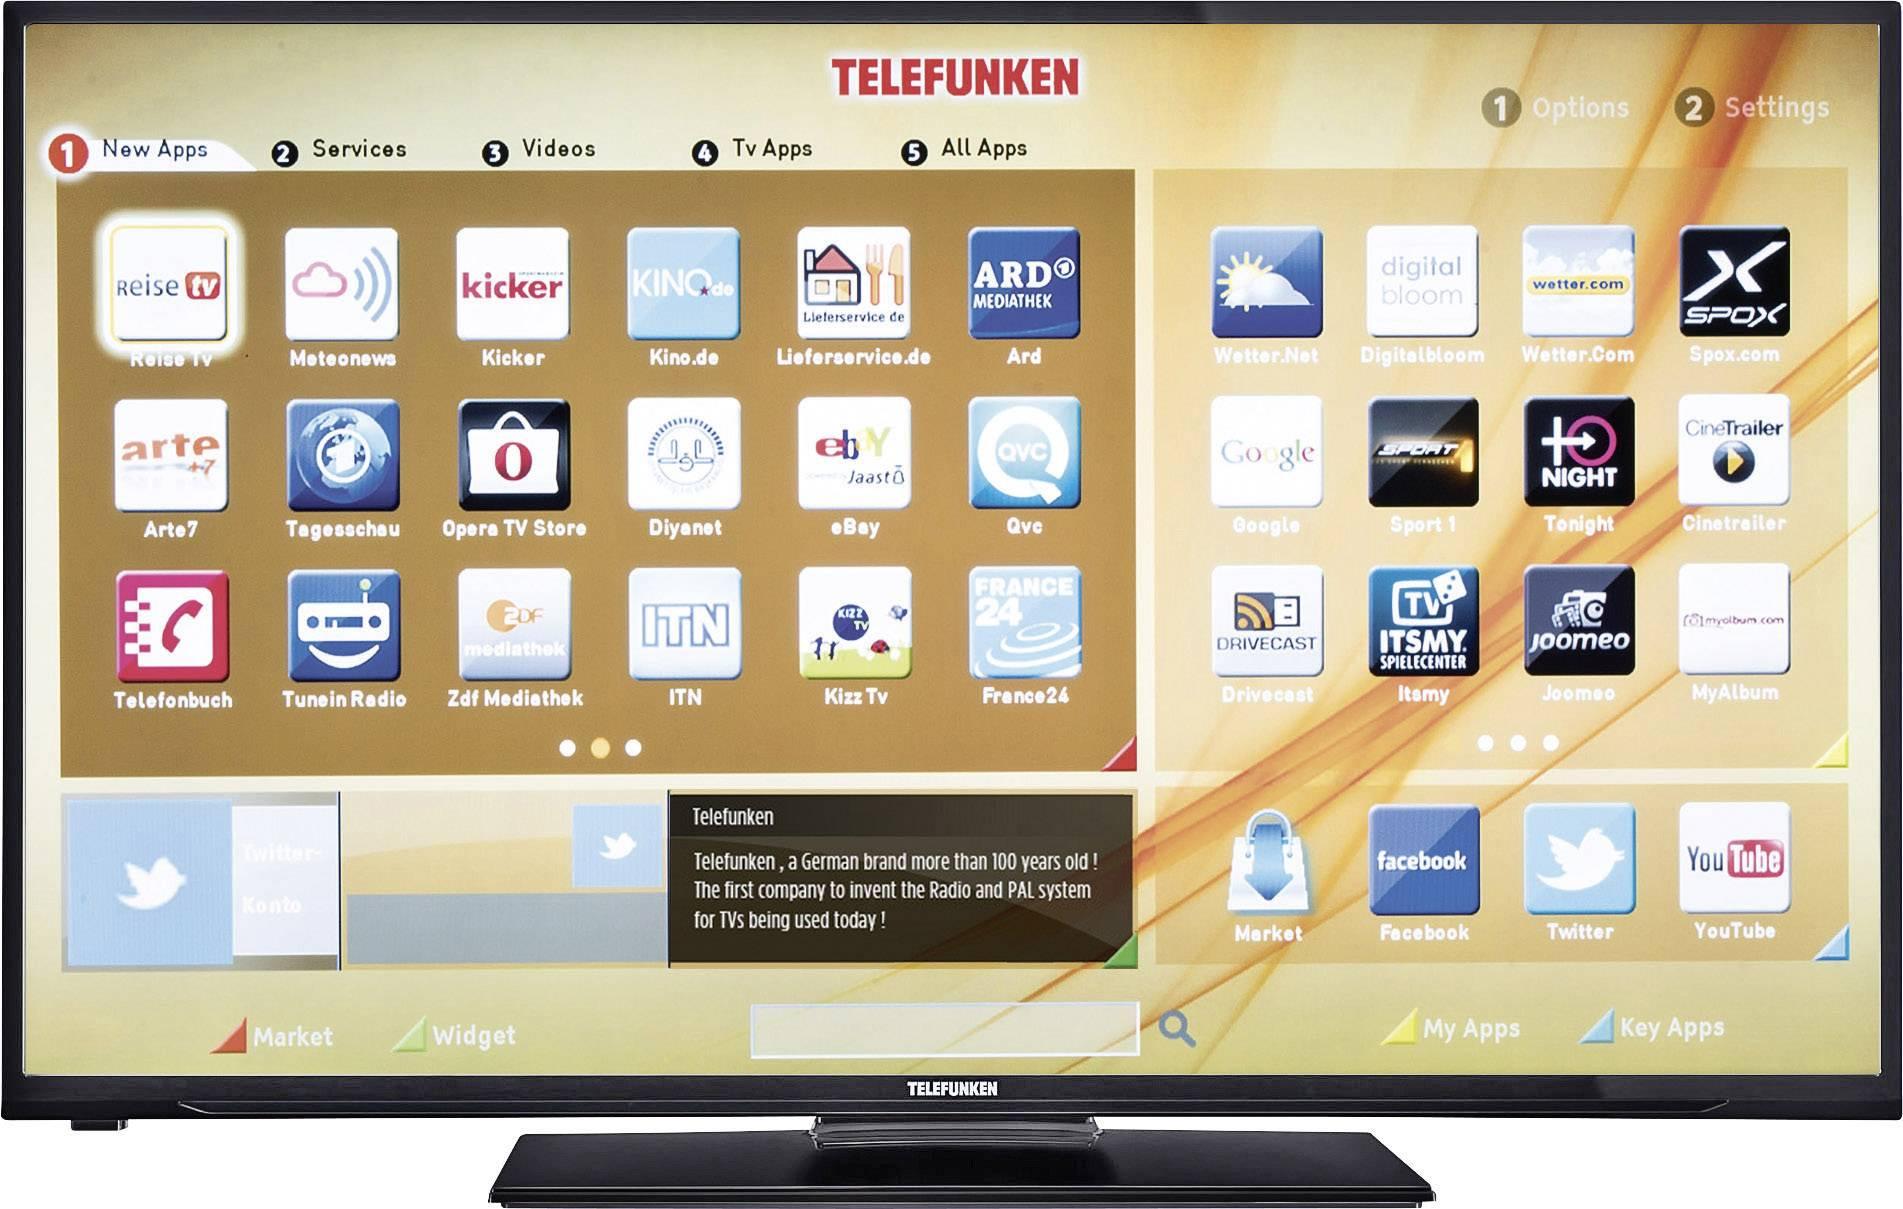 telefunken d43f278a3c led tv 110 cm 43 inch dvb t dvb c dvb s full hd smart tv wi fi ready ci black